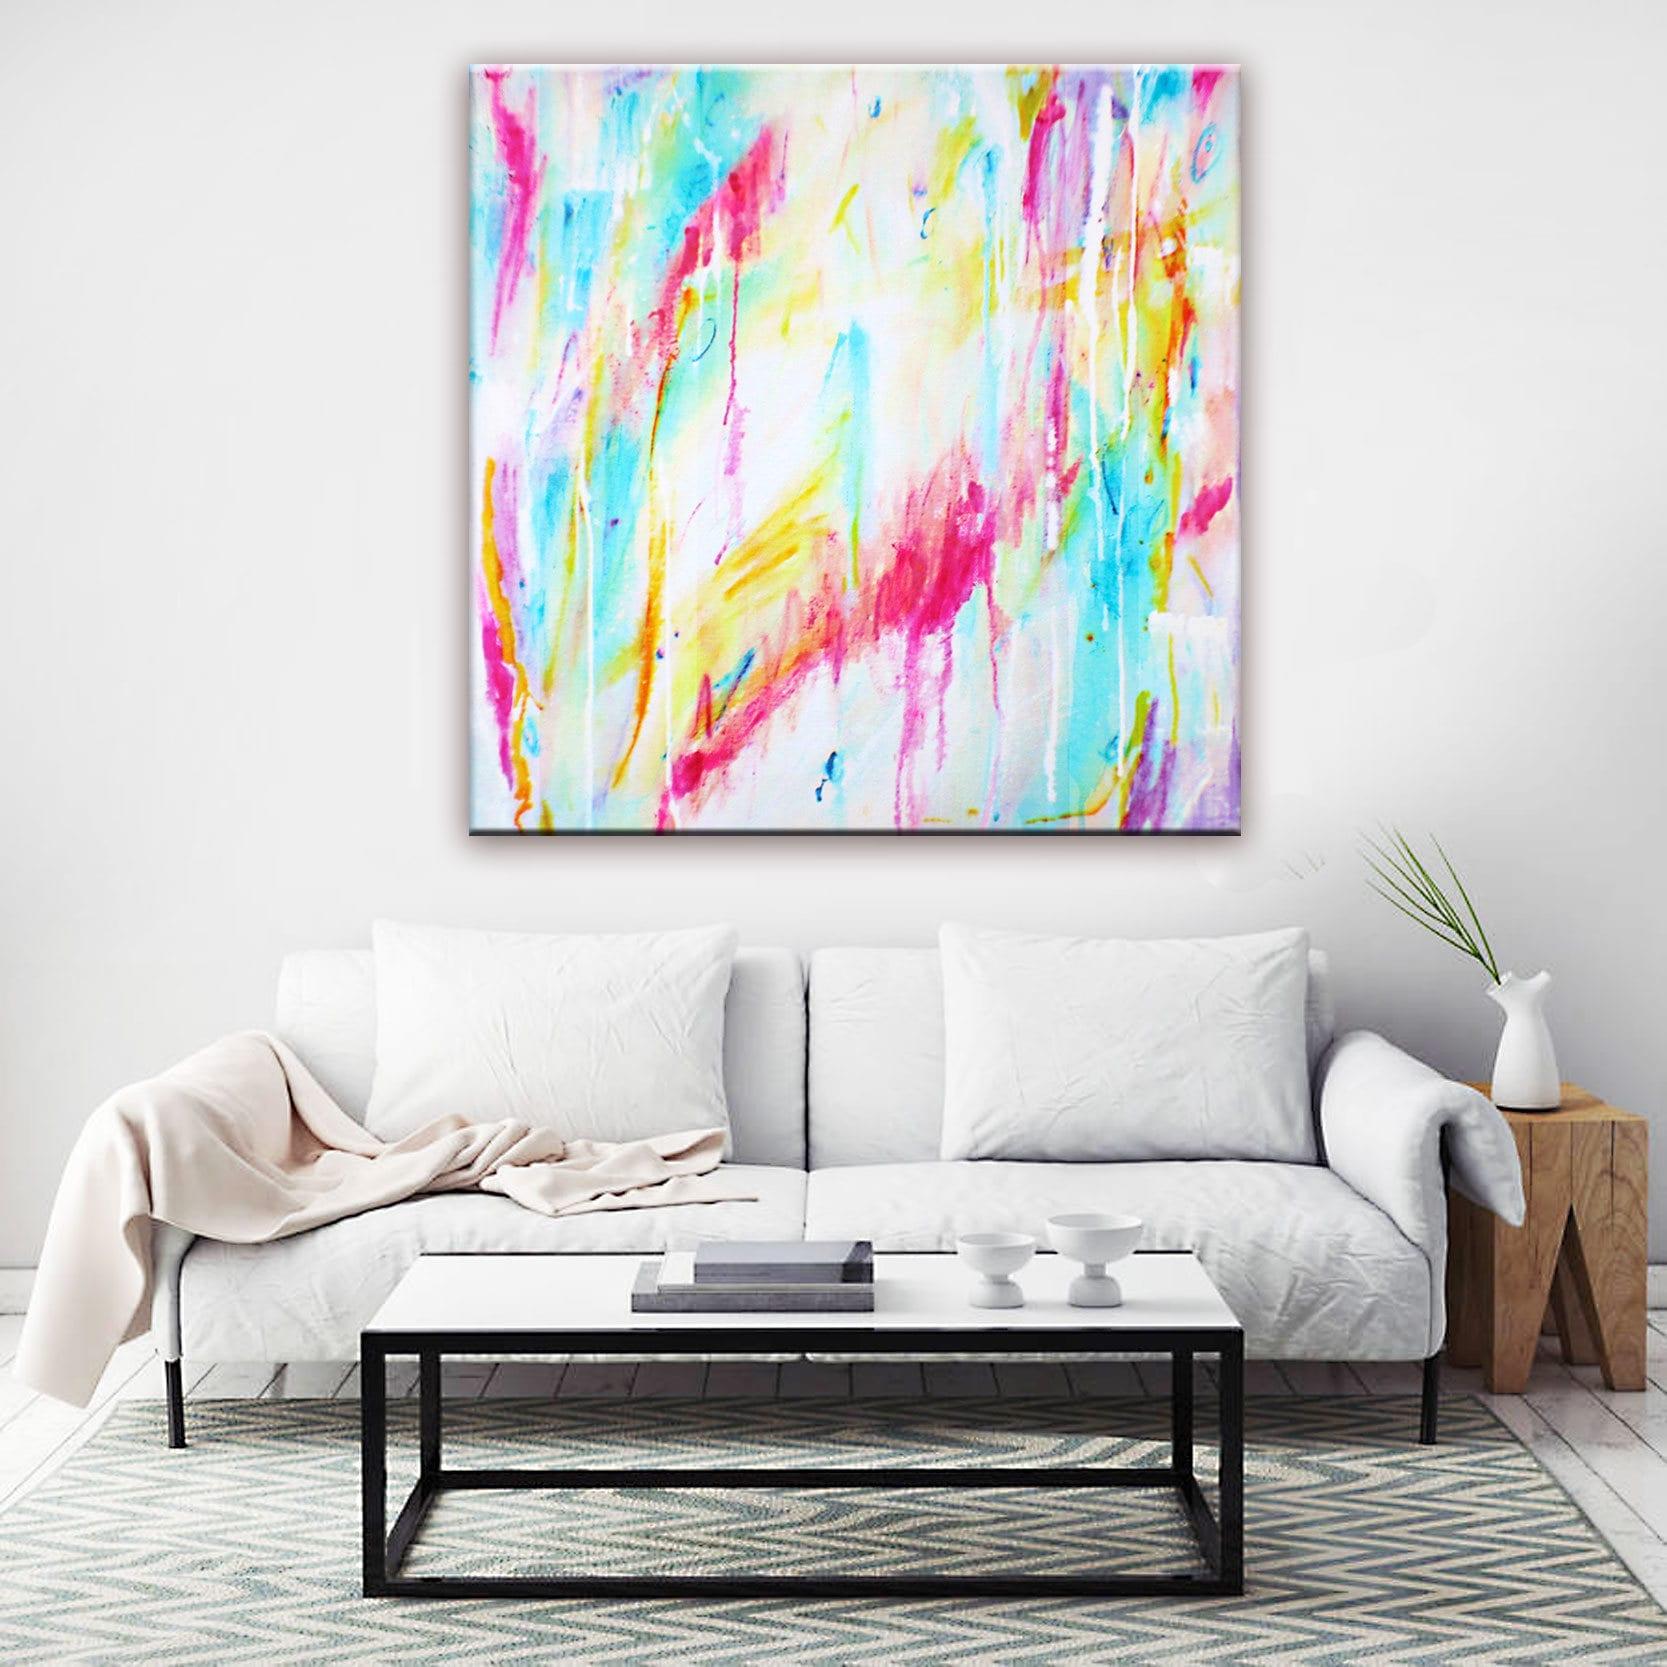 Arte abstracto pintura impresión lona impresión del arte de